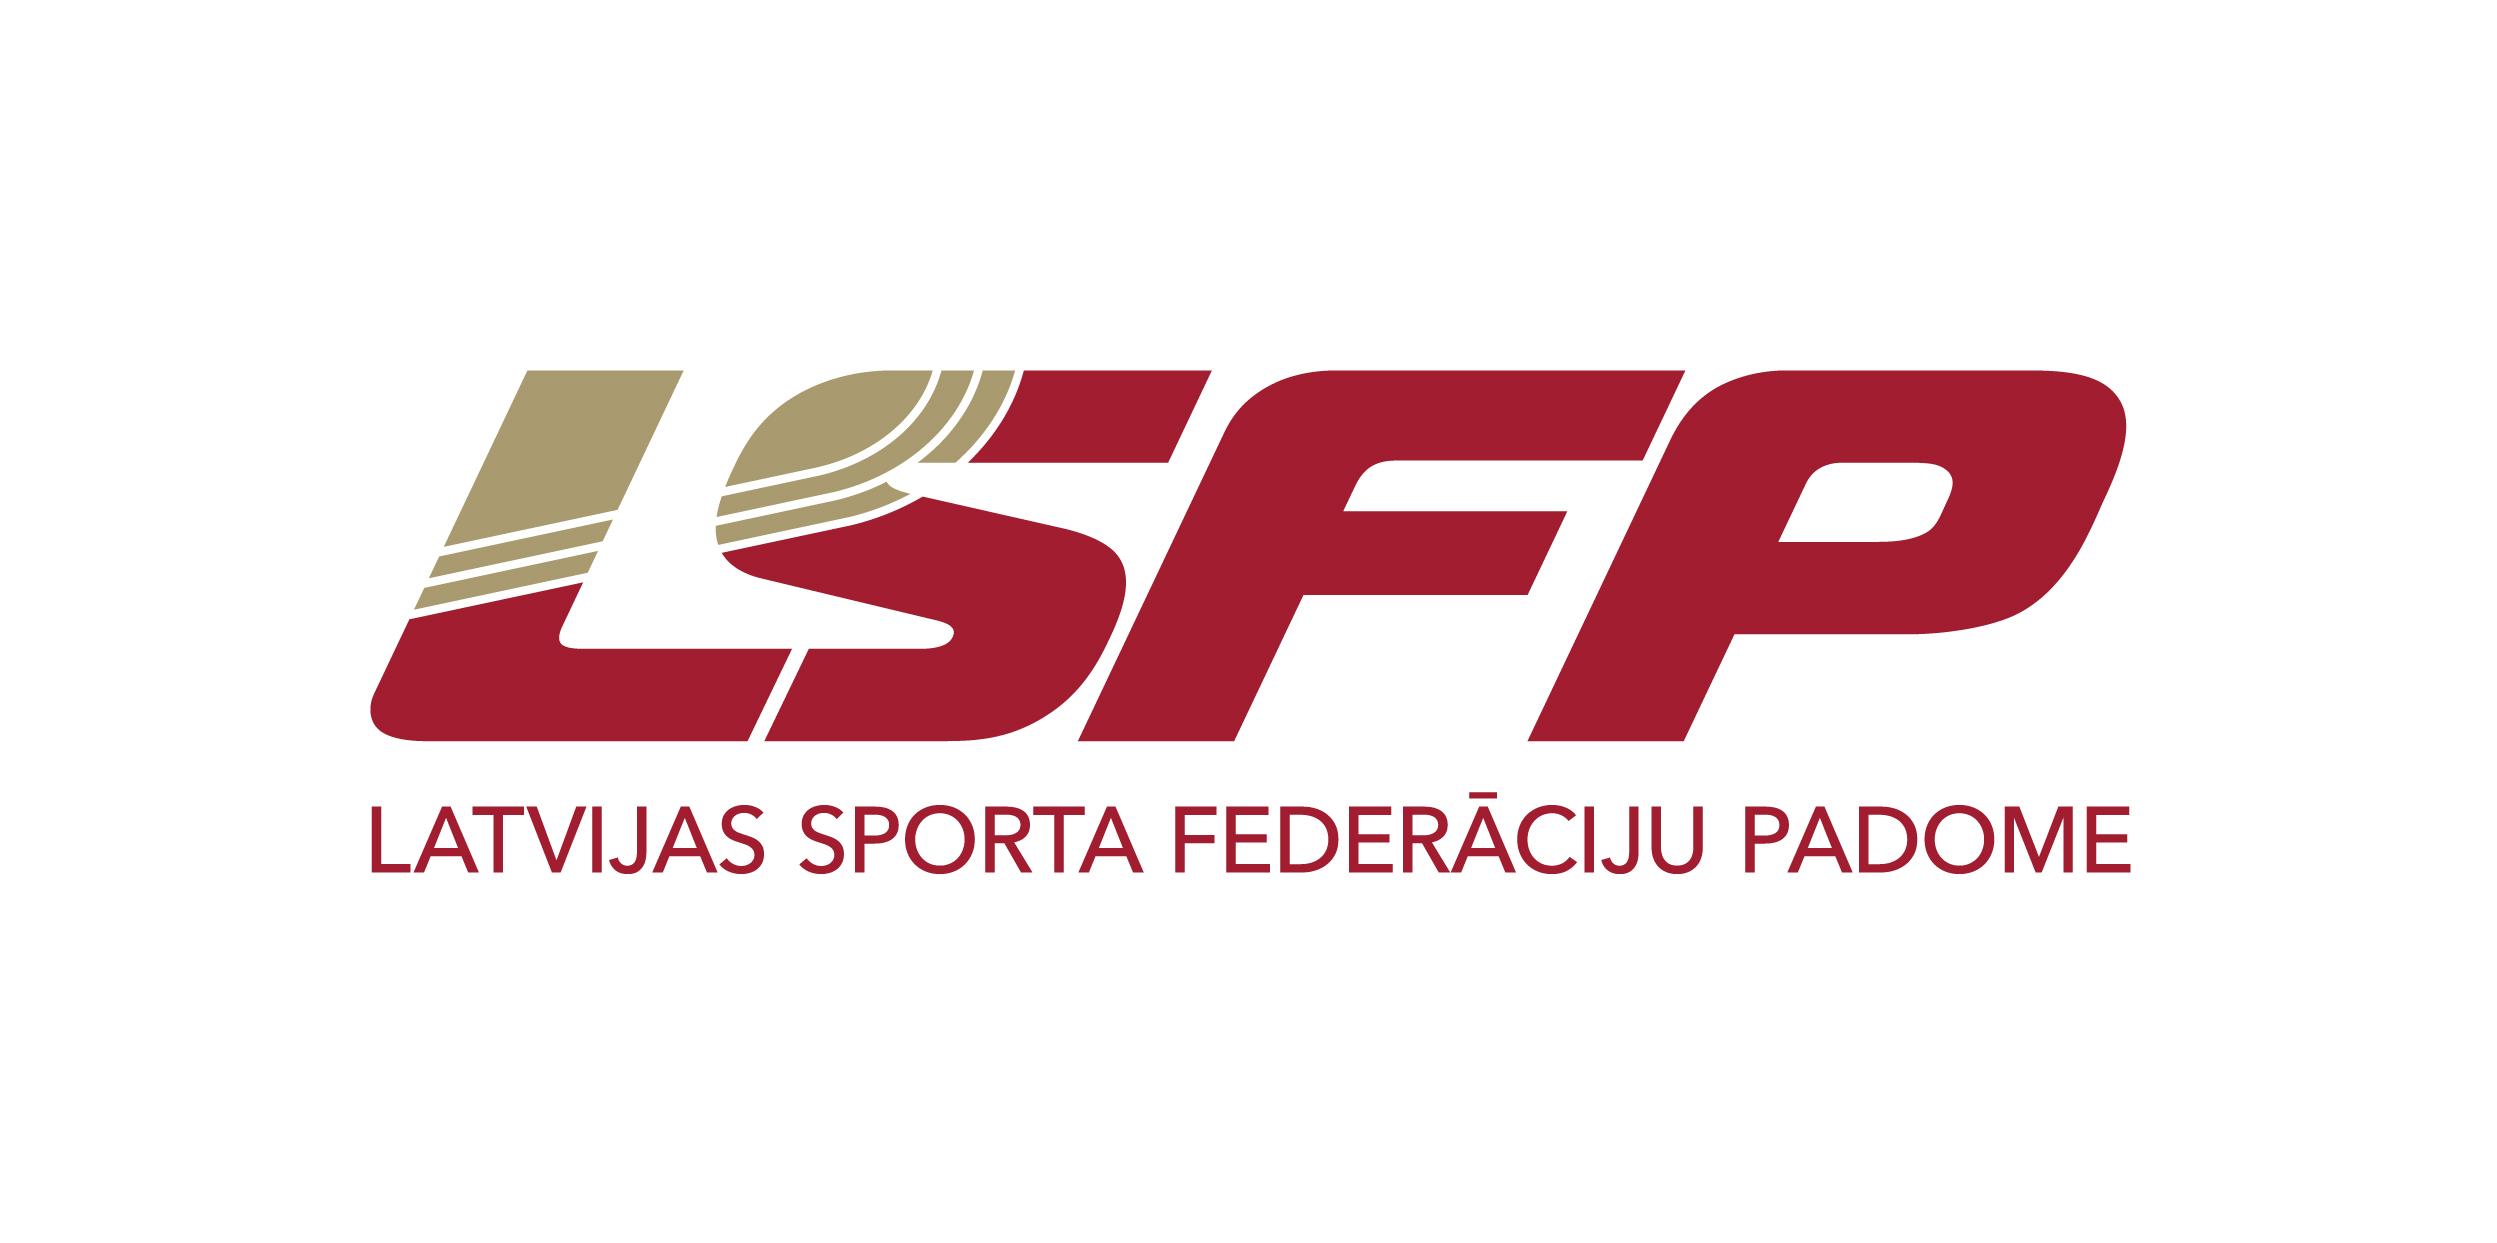 Latvijas Sporta Federāciju Padome [ Latvian Sports Federations Council ]